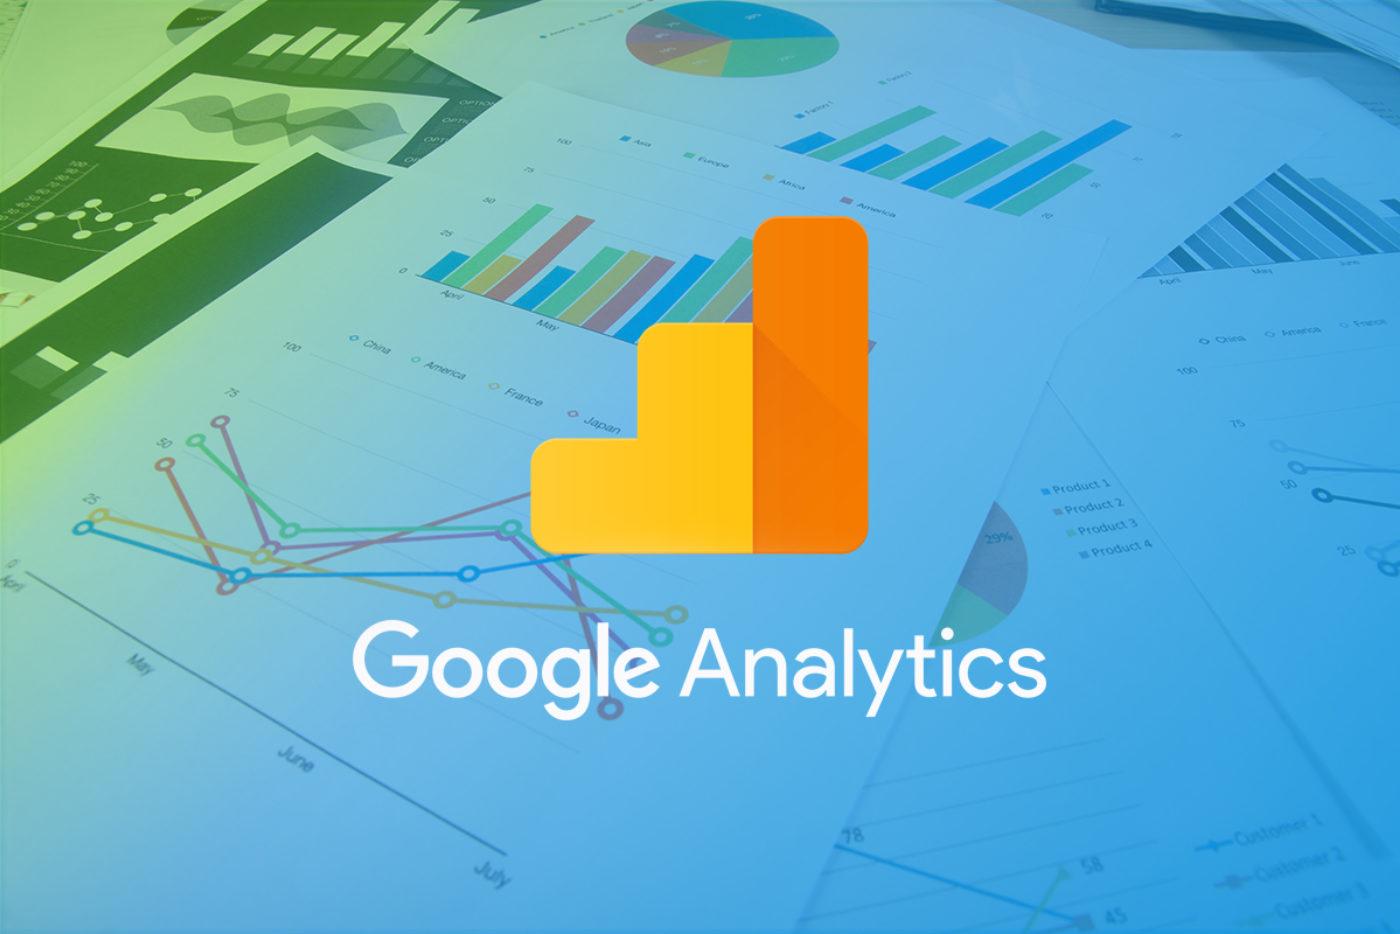 Мероприятия: Мастер-класс «Зачем бизнесу аналитика?» в Днепре